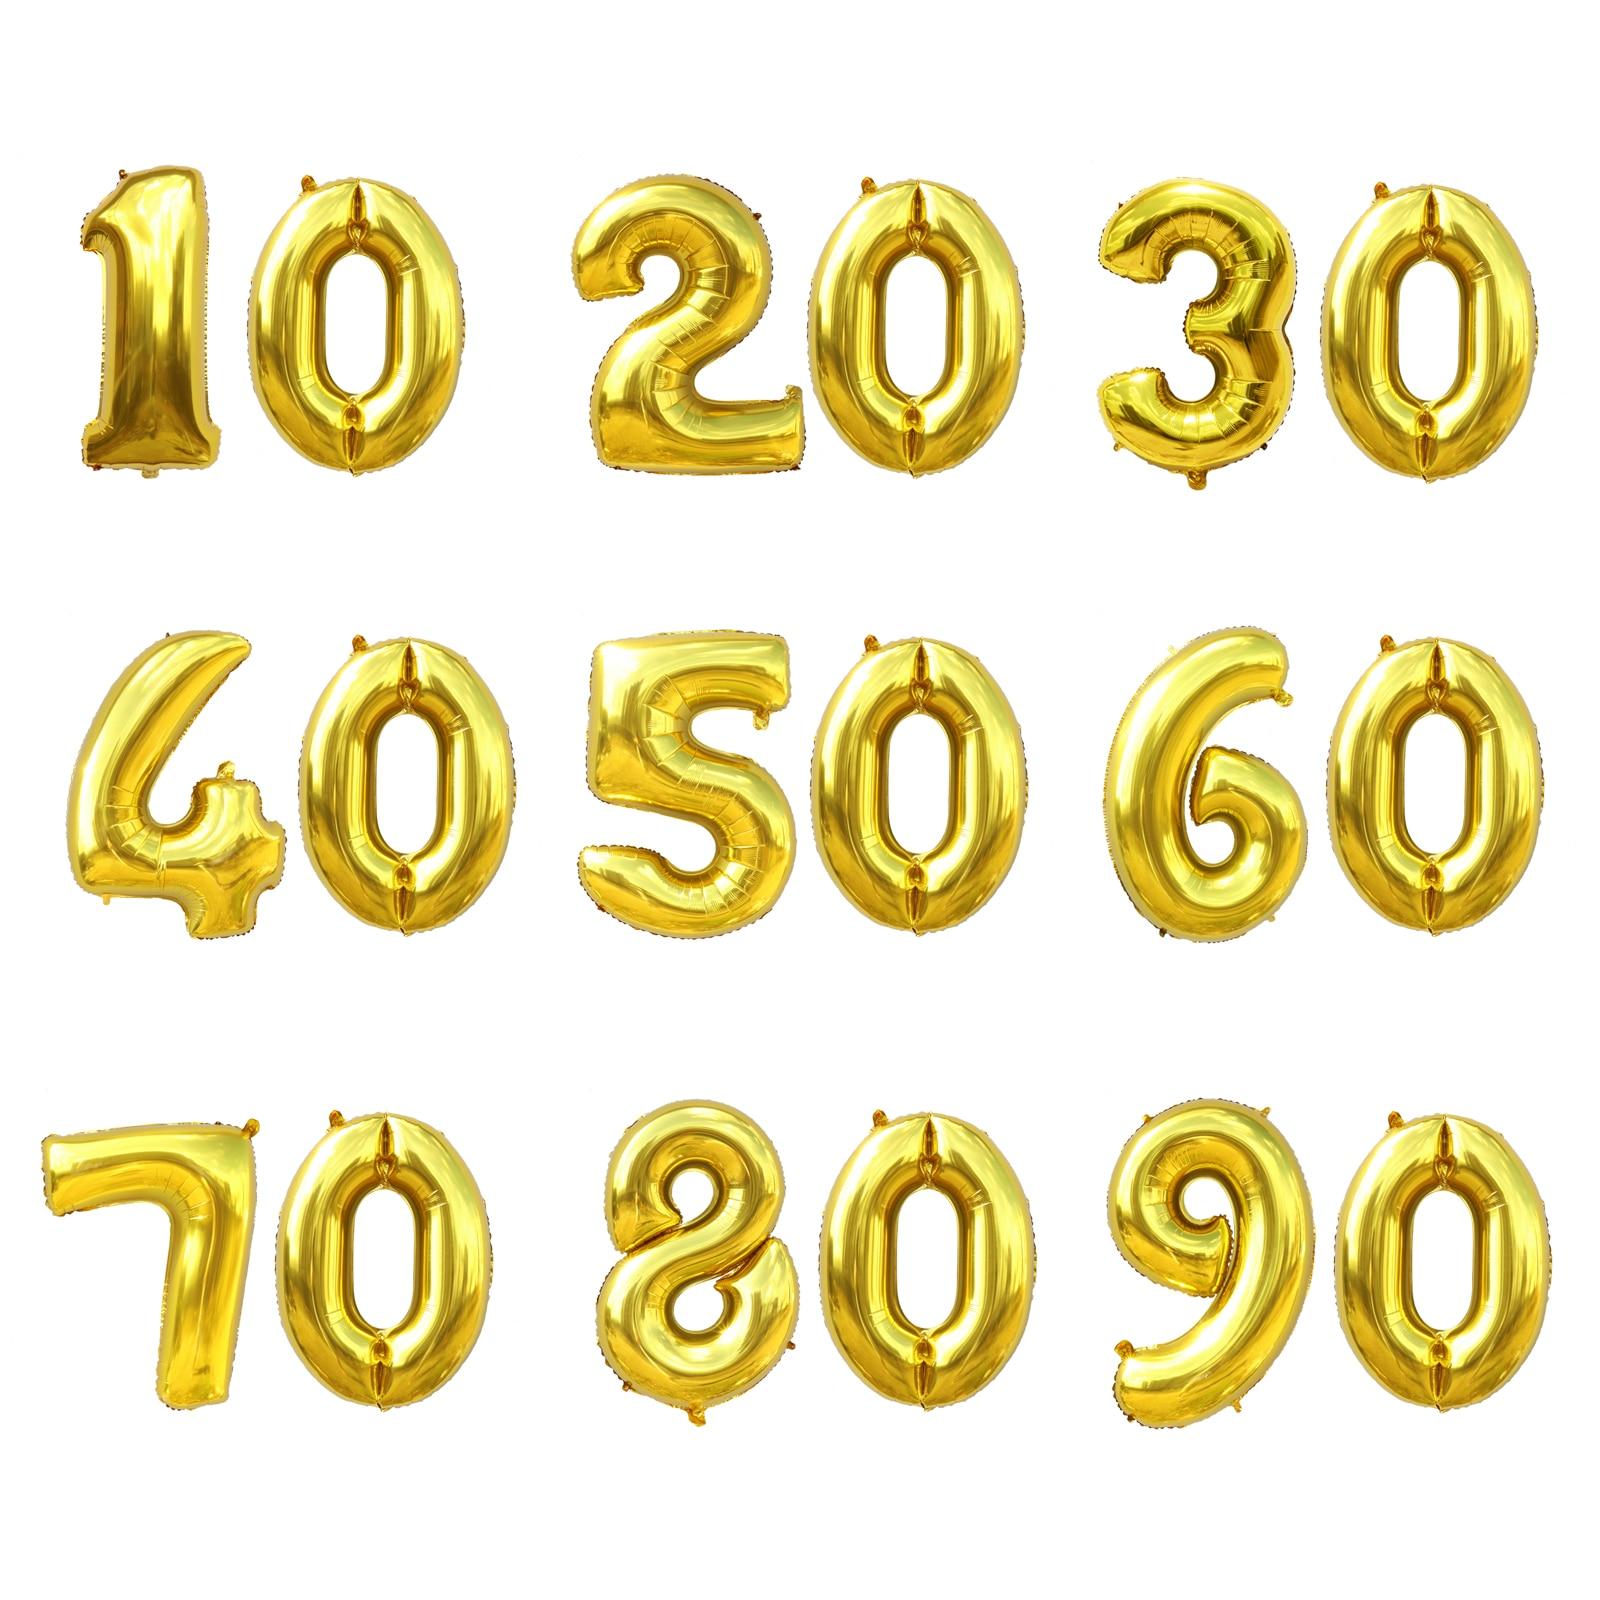 32 pouces numéro aluminium papier ballons fête décoration ballons 10 20 30 40 50 60 70 80 90 ans fête danniversaire bricolage décoration